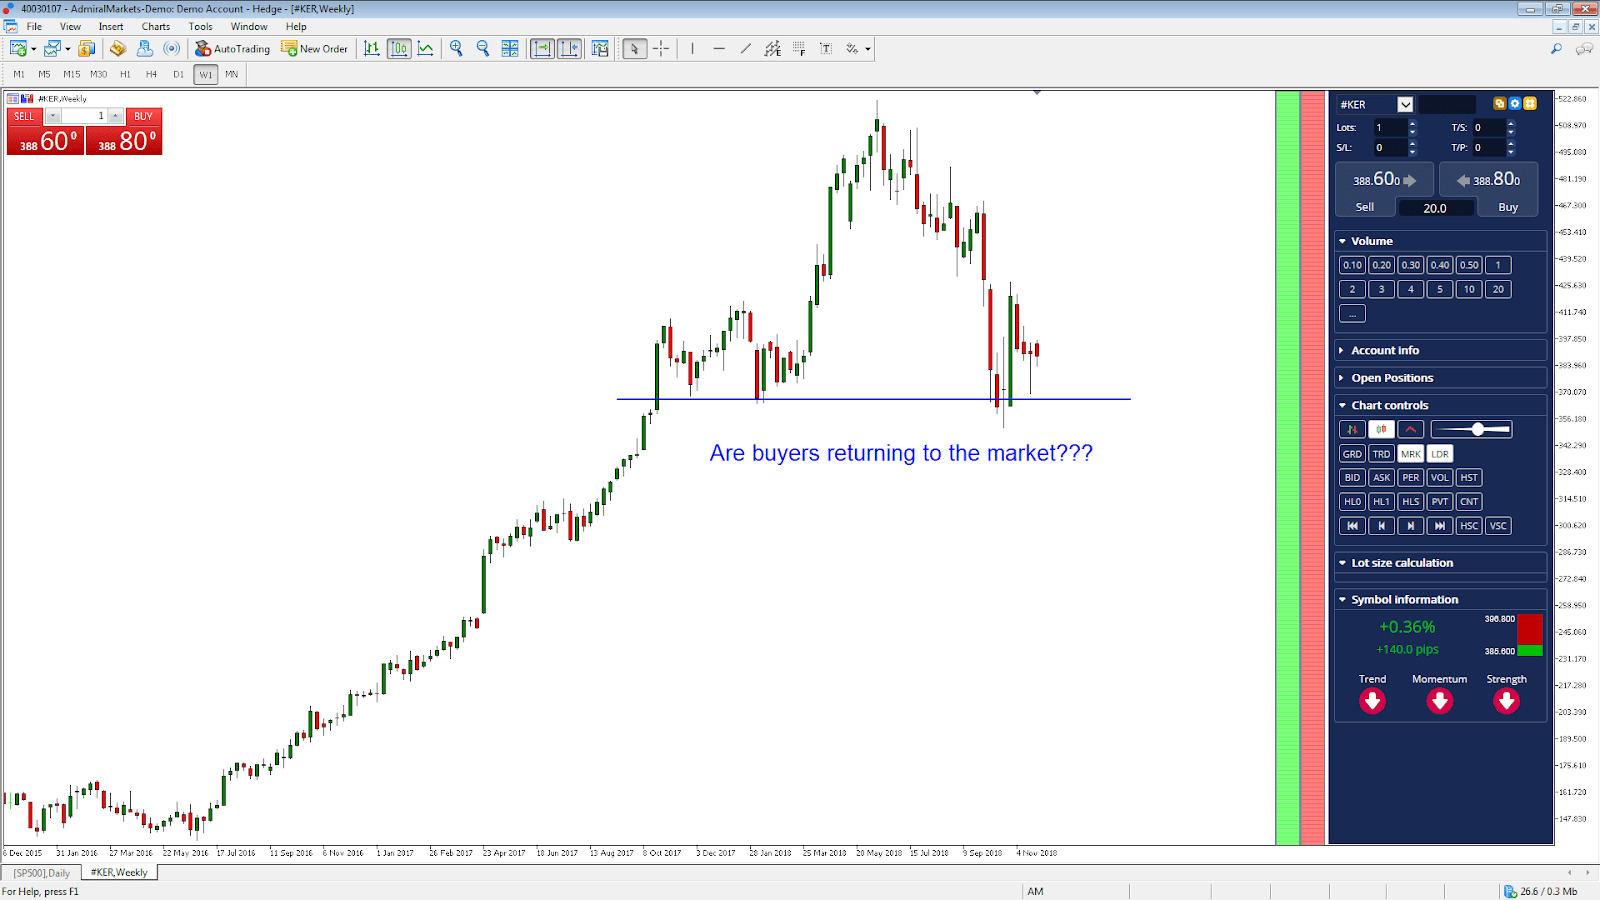 centų akcijų prekybos sistema kapitalo prieaugis ir akcijų pasirinkimo sandoriai